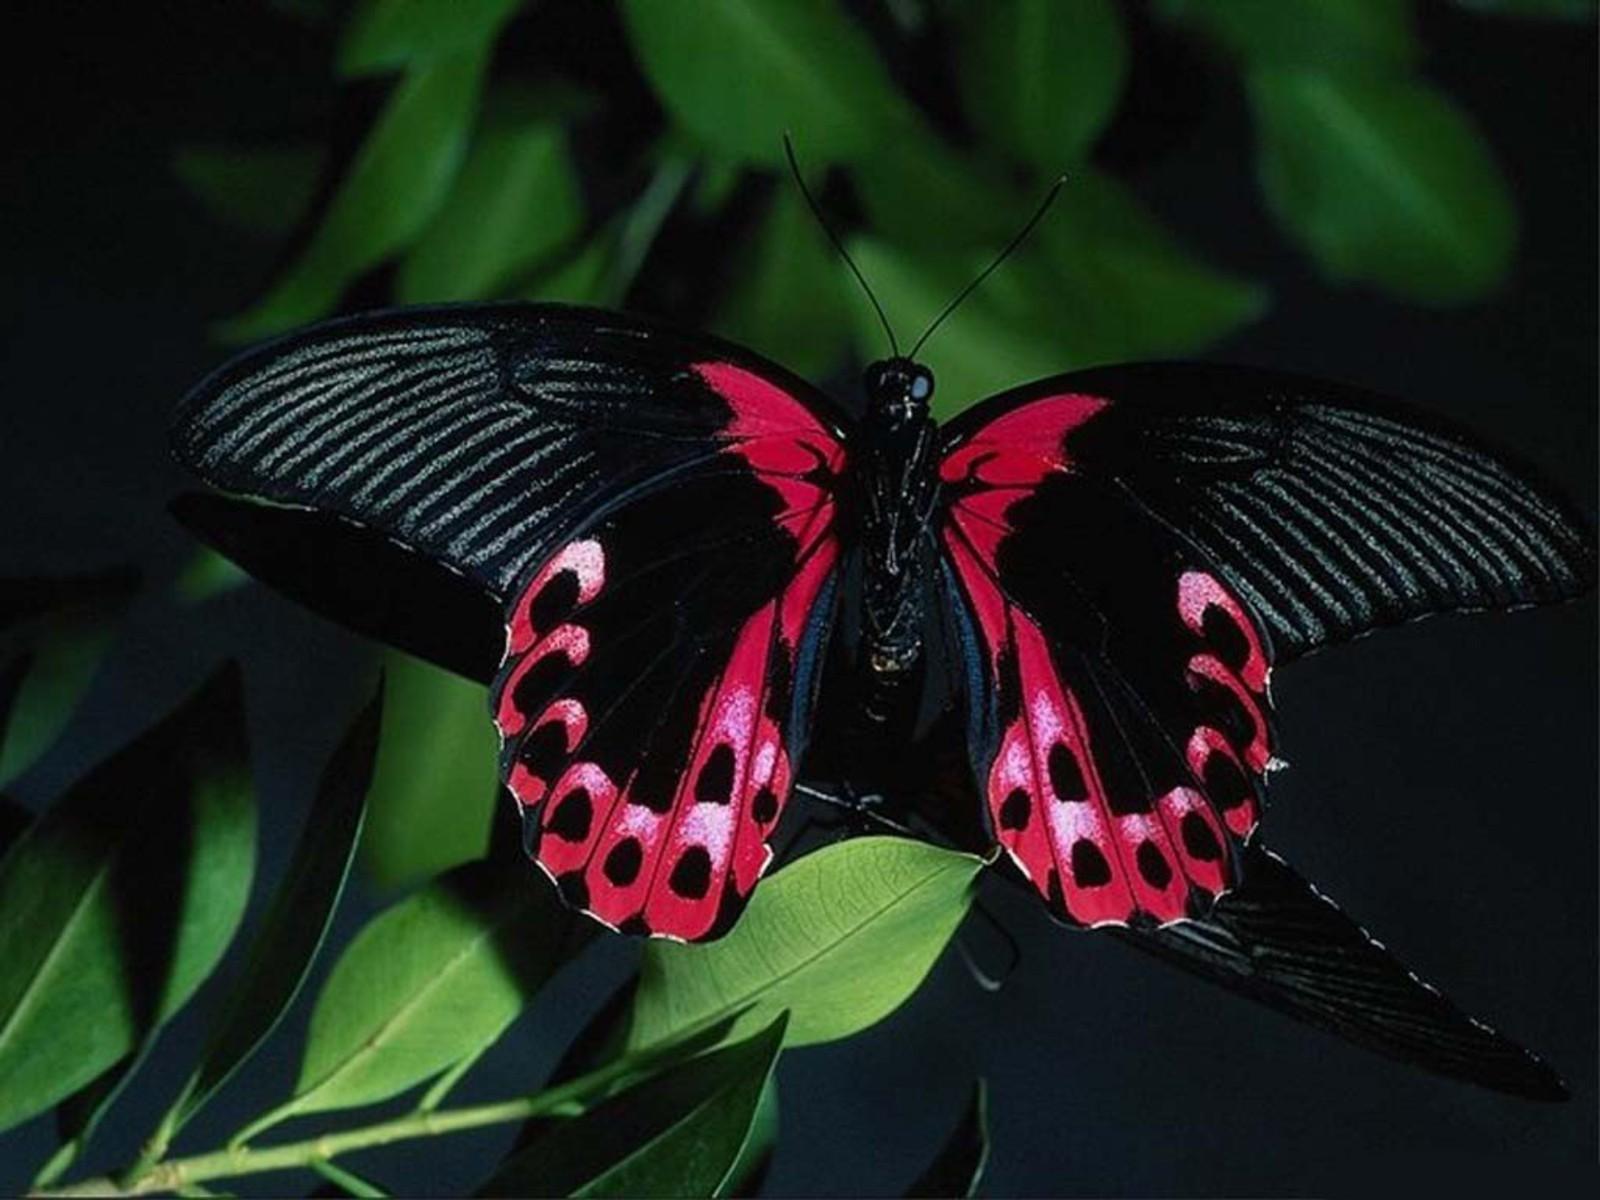 Butterflies images Beautiful Butterflies HD wallpaper and background 1600x1200